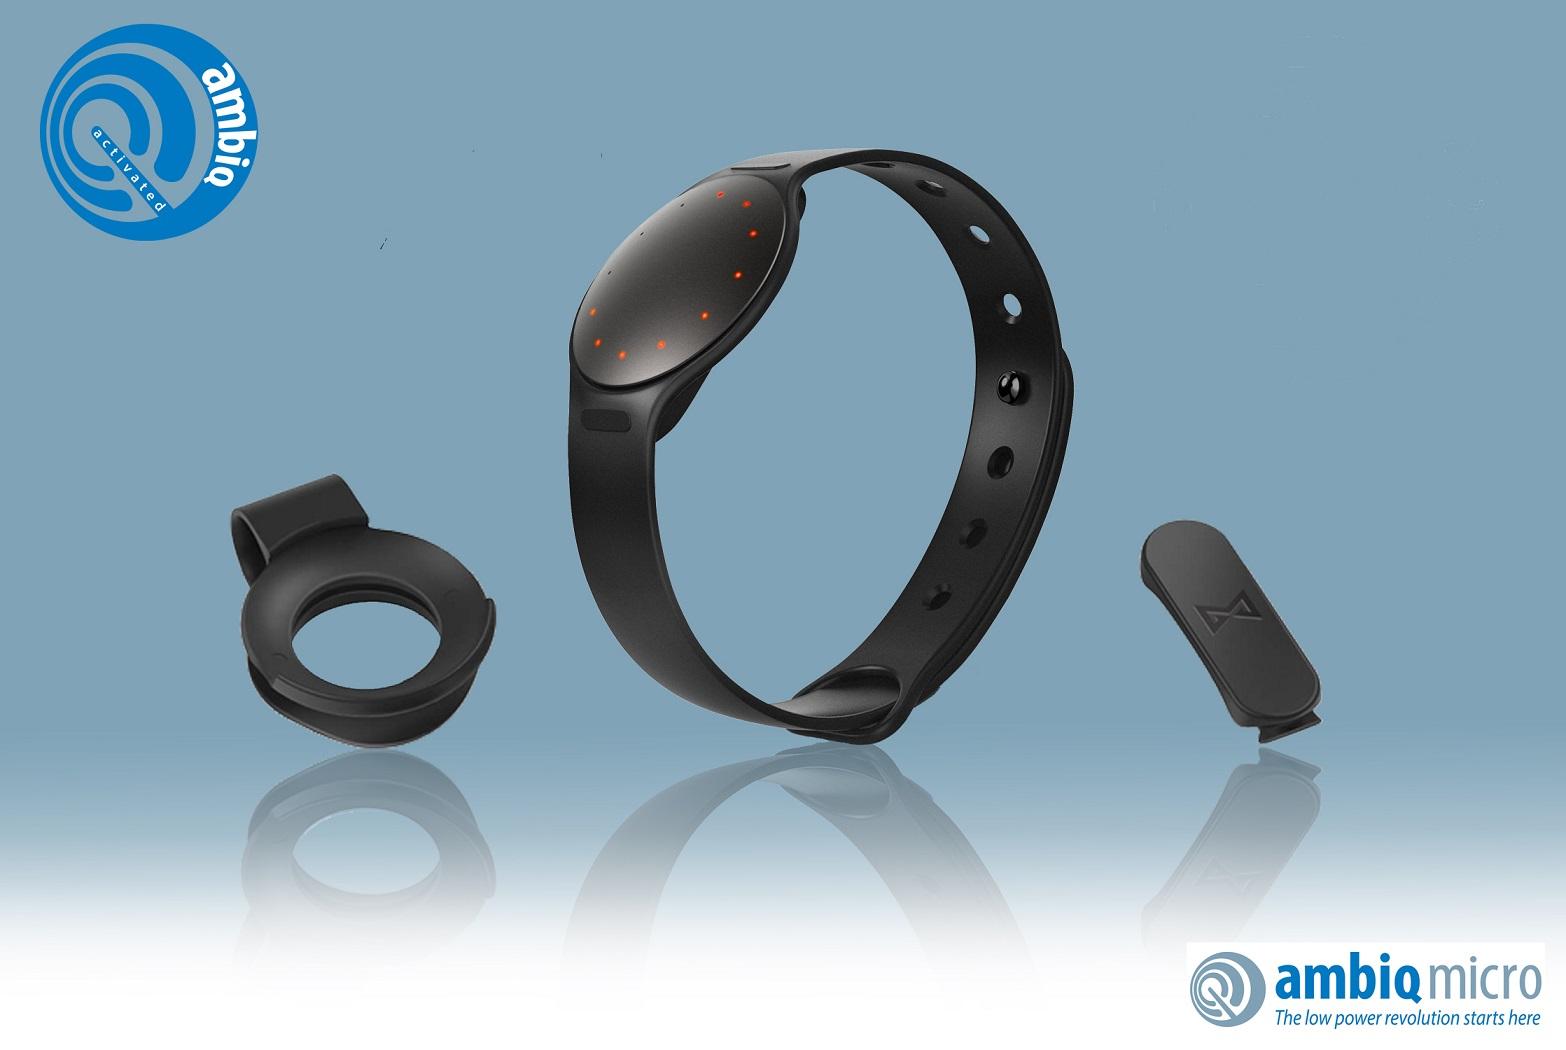 Ambiq Micro的低功耗MCU使得Misfit的下一代可穿戴产品能够实现更多功能